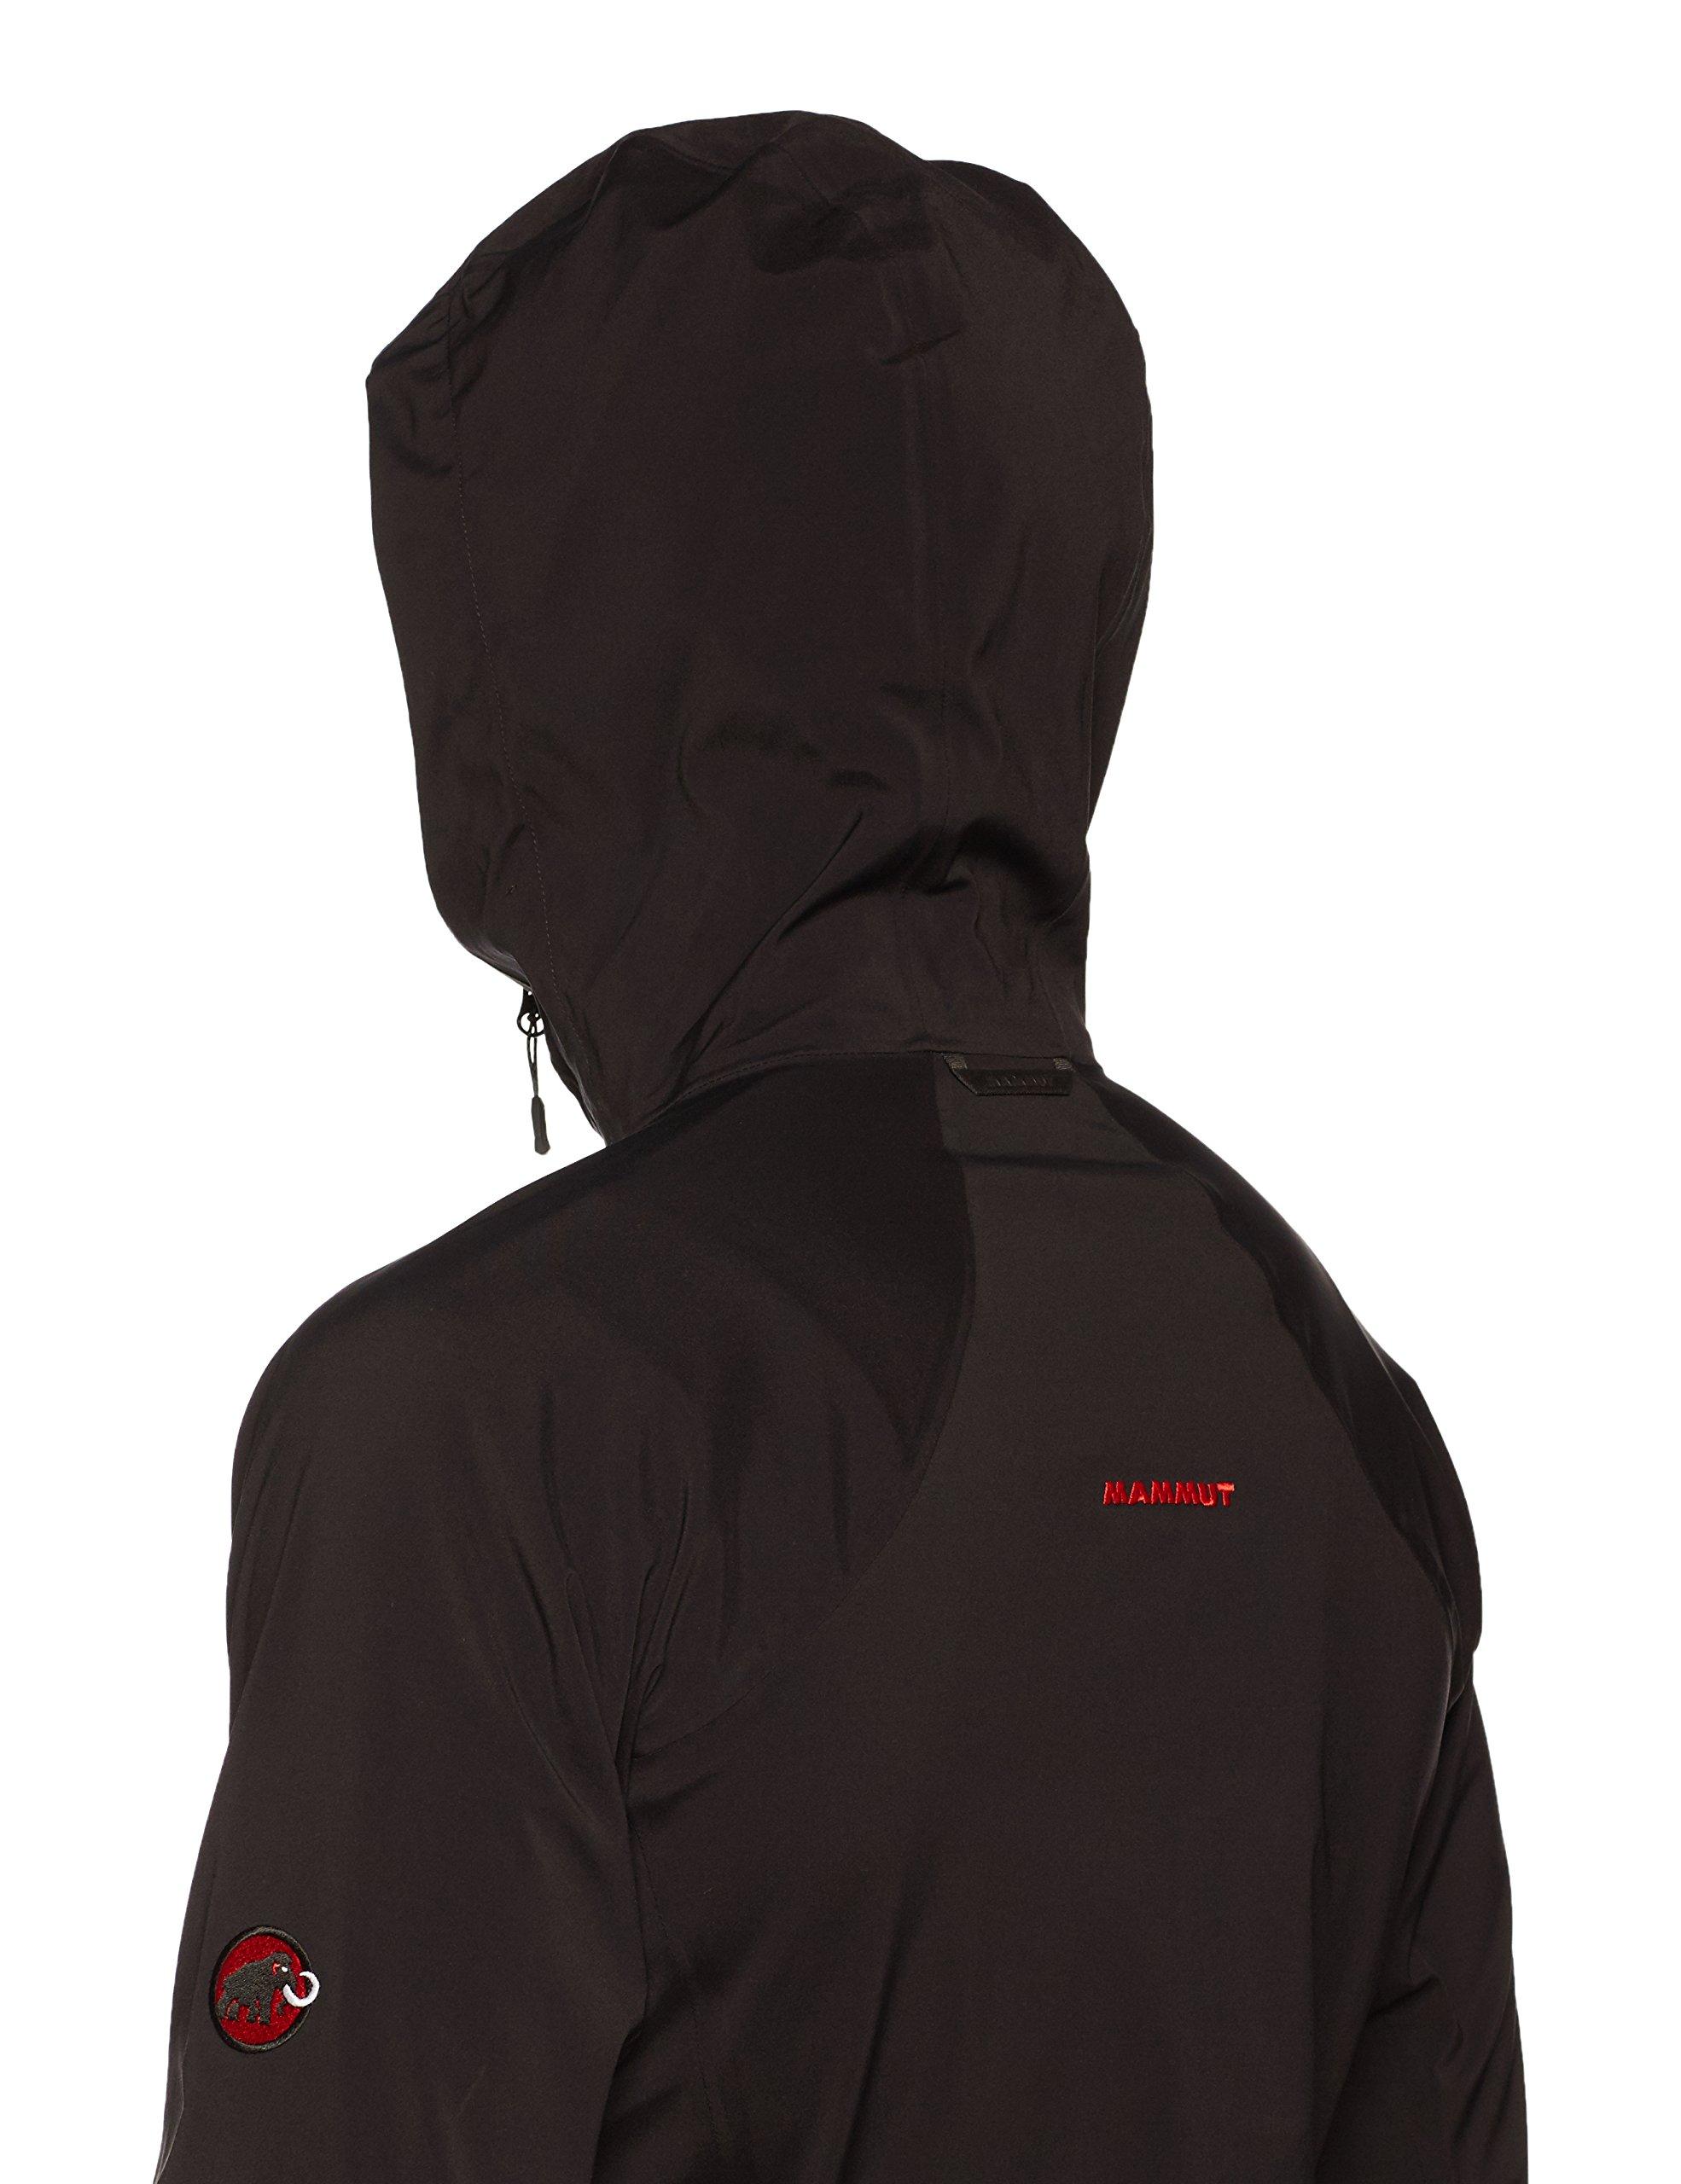 auf Lager noch eine Chance modischer Stil Buyr.com - Mammut Ultimate Alpine SO Hooded Jacket black M